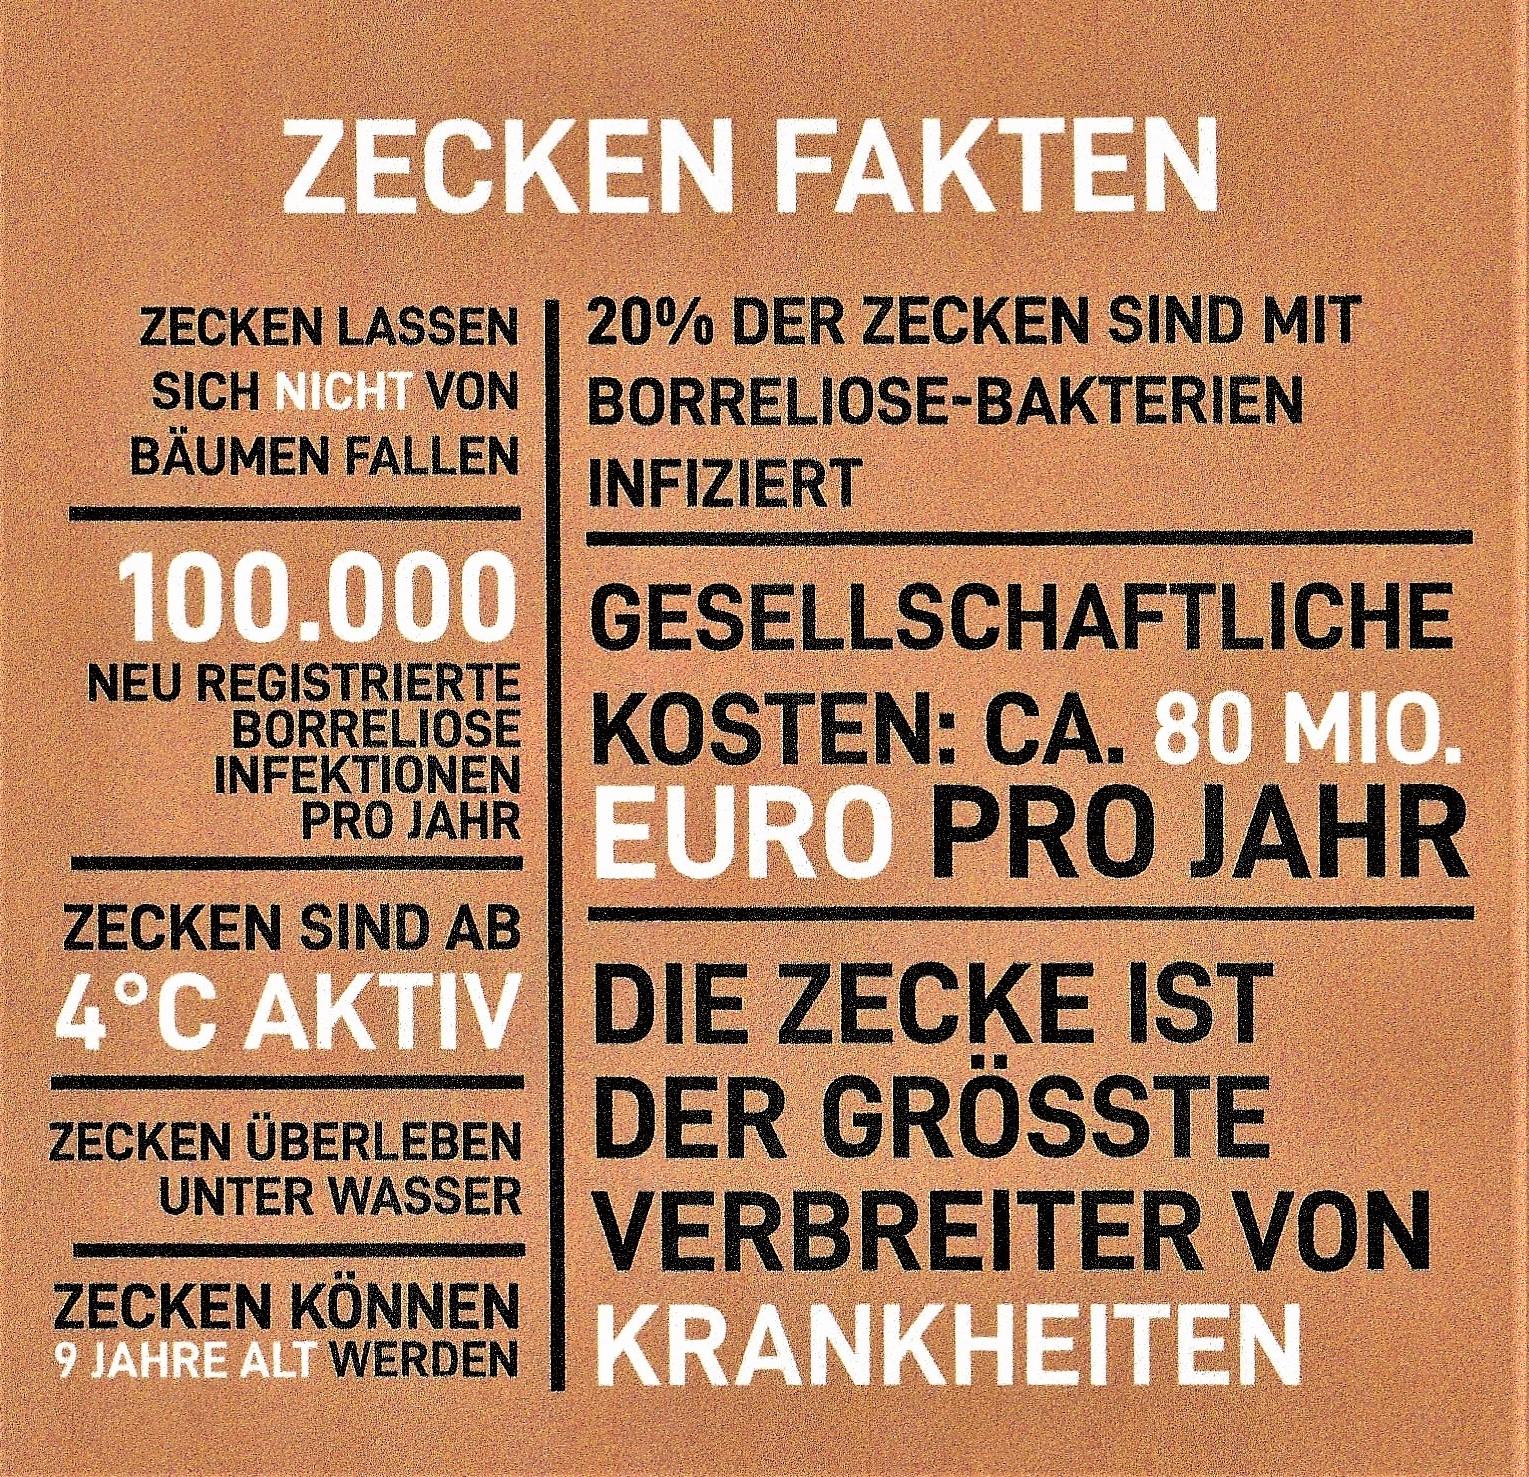 Zeckenfakten Deutschland